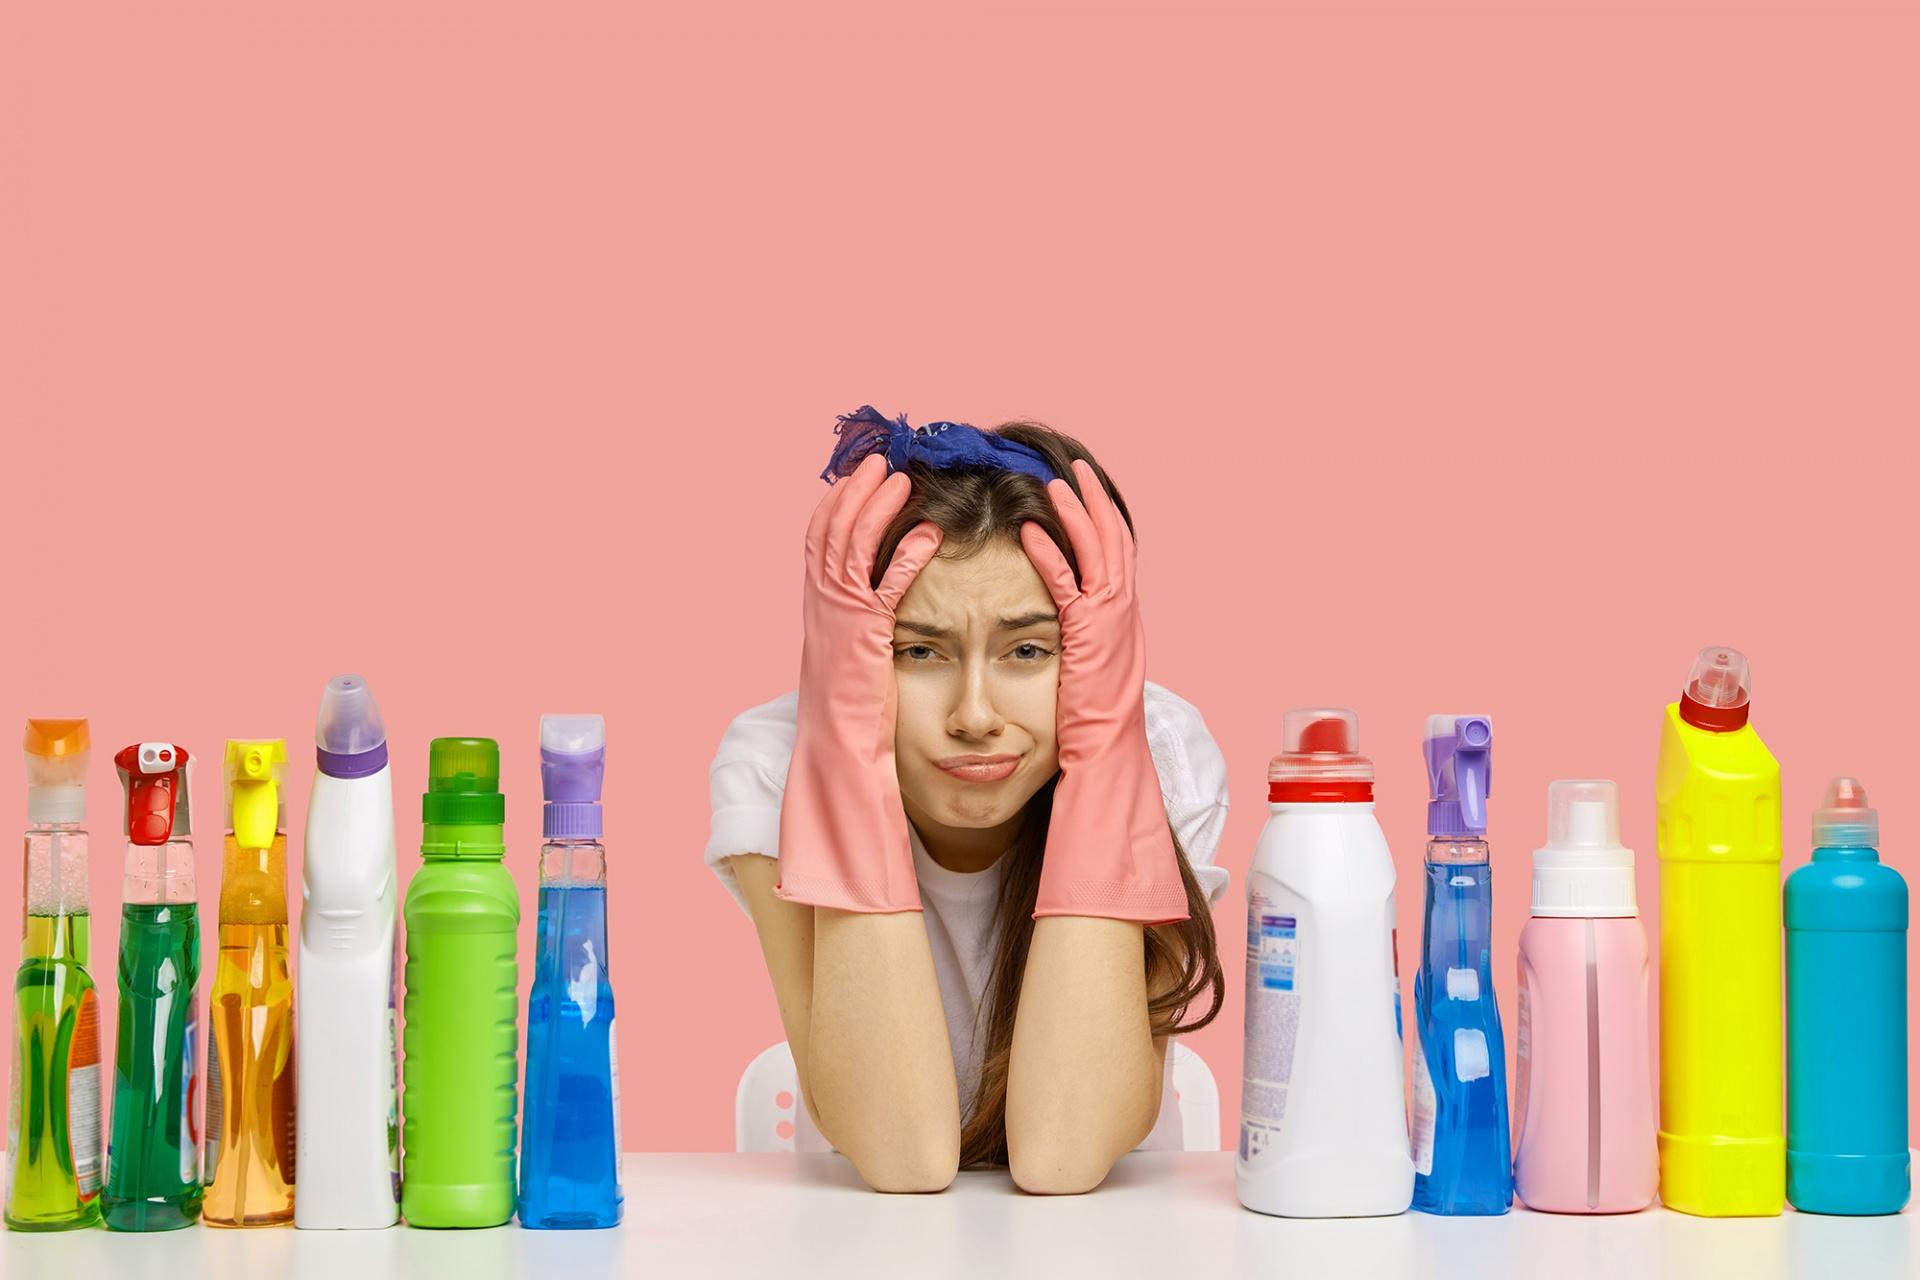 produtos de limpeza que provocam alergias